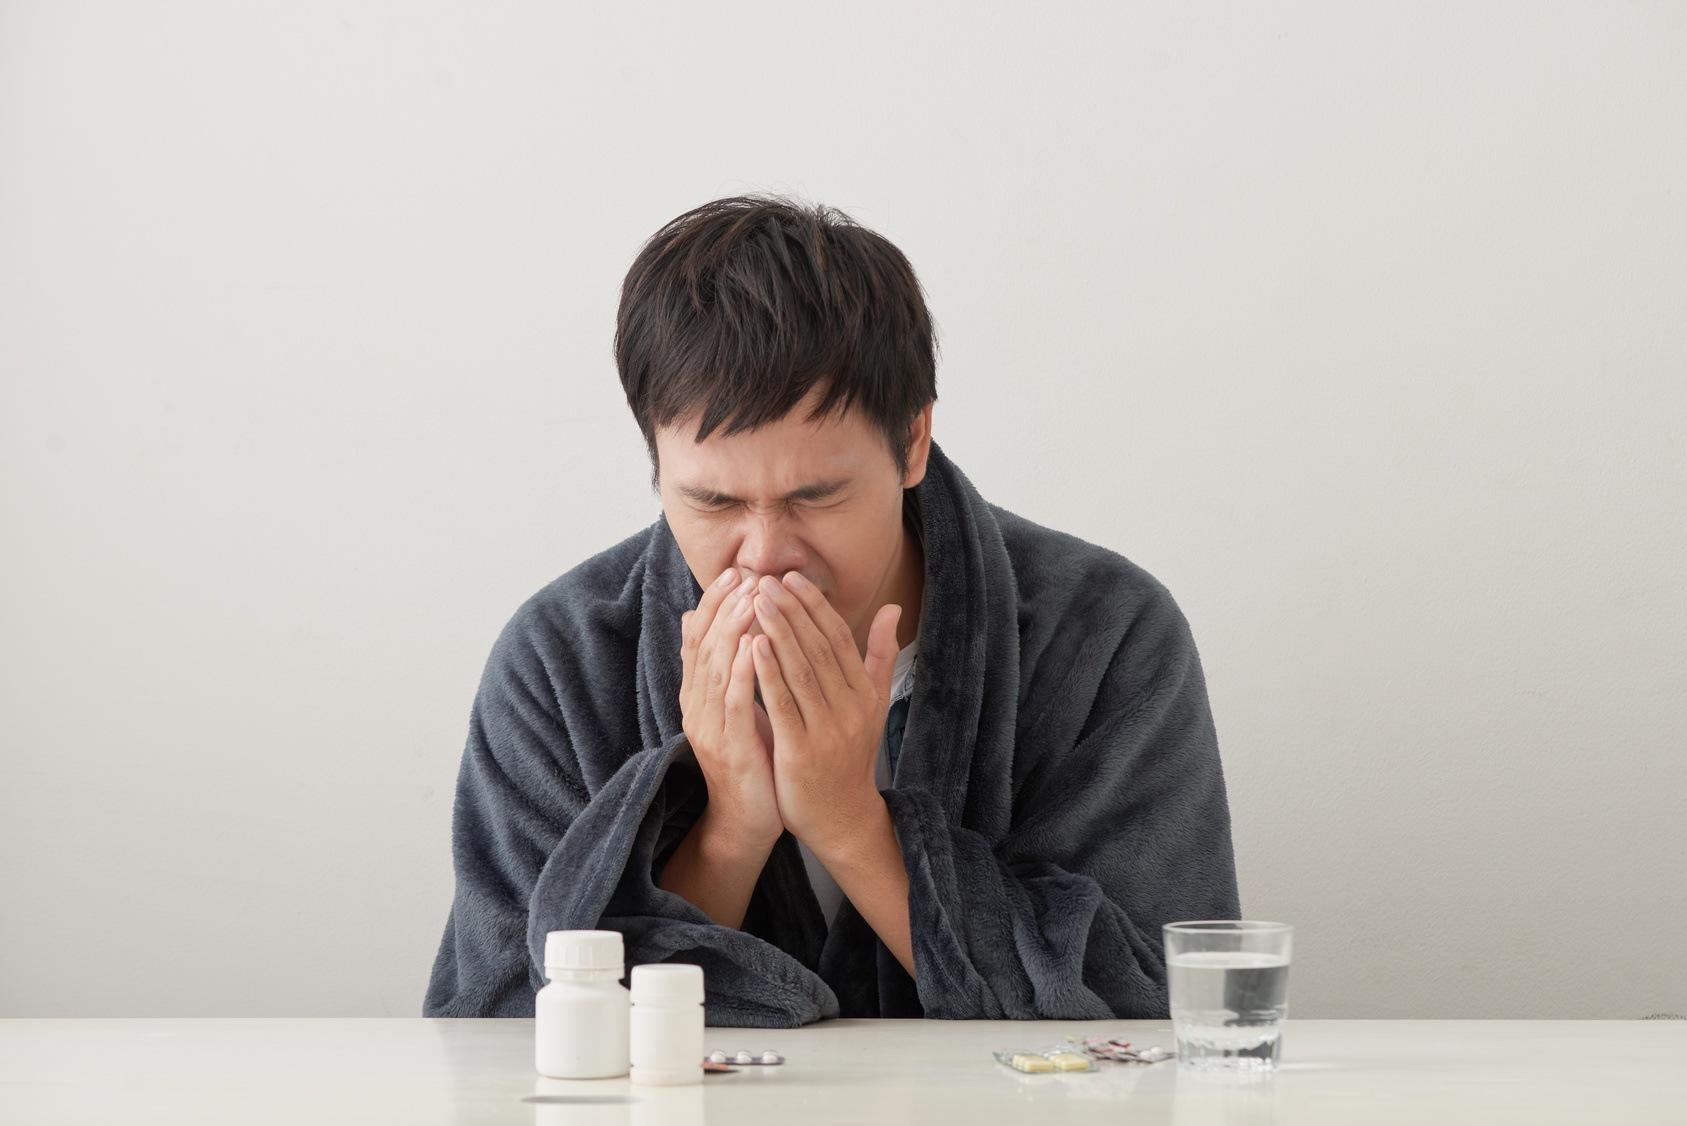 RESFRIADOS EN EL HOSPITAL/病院で風邪を引く